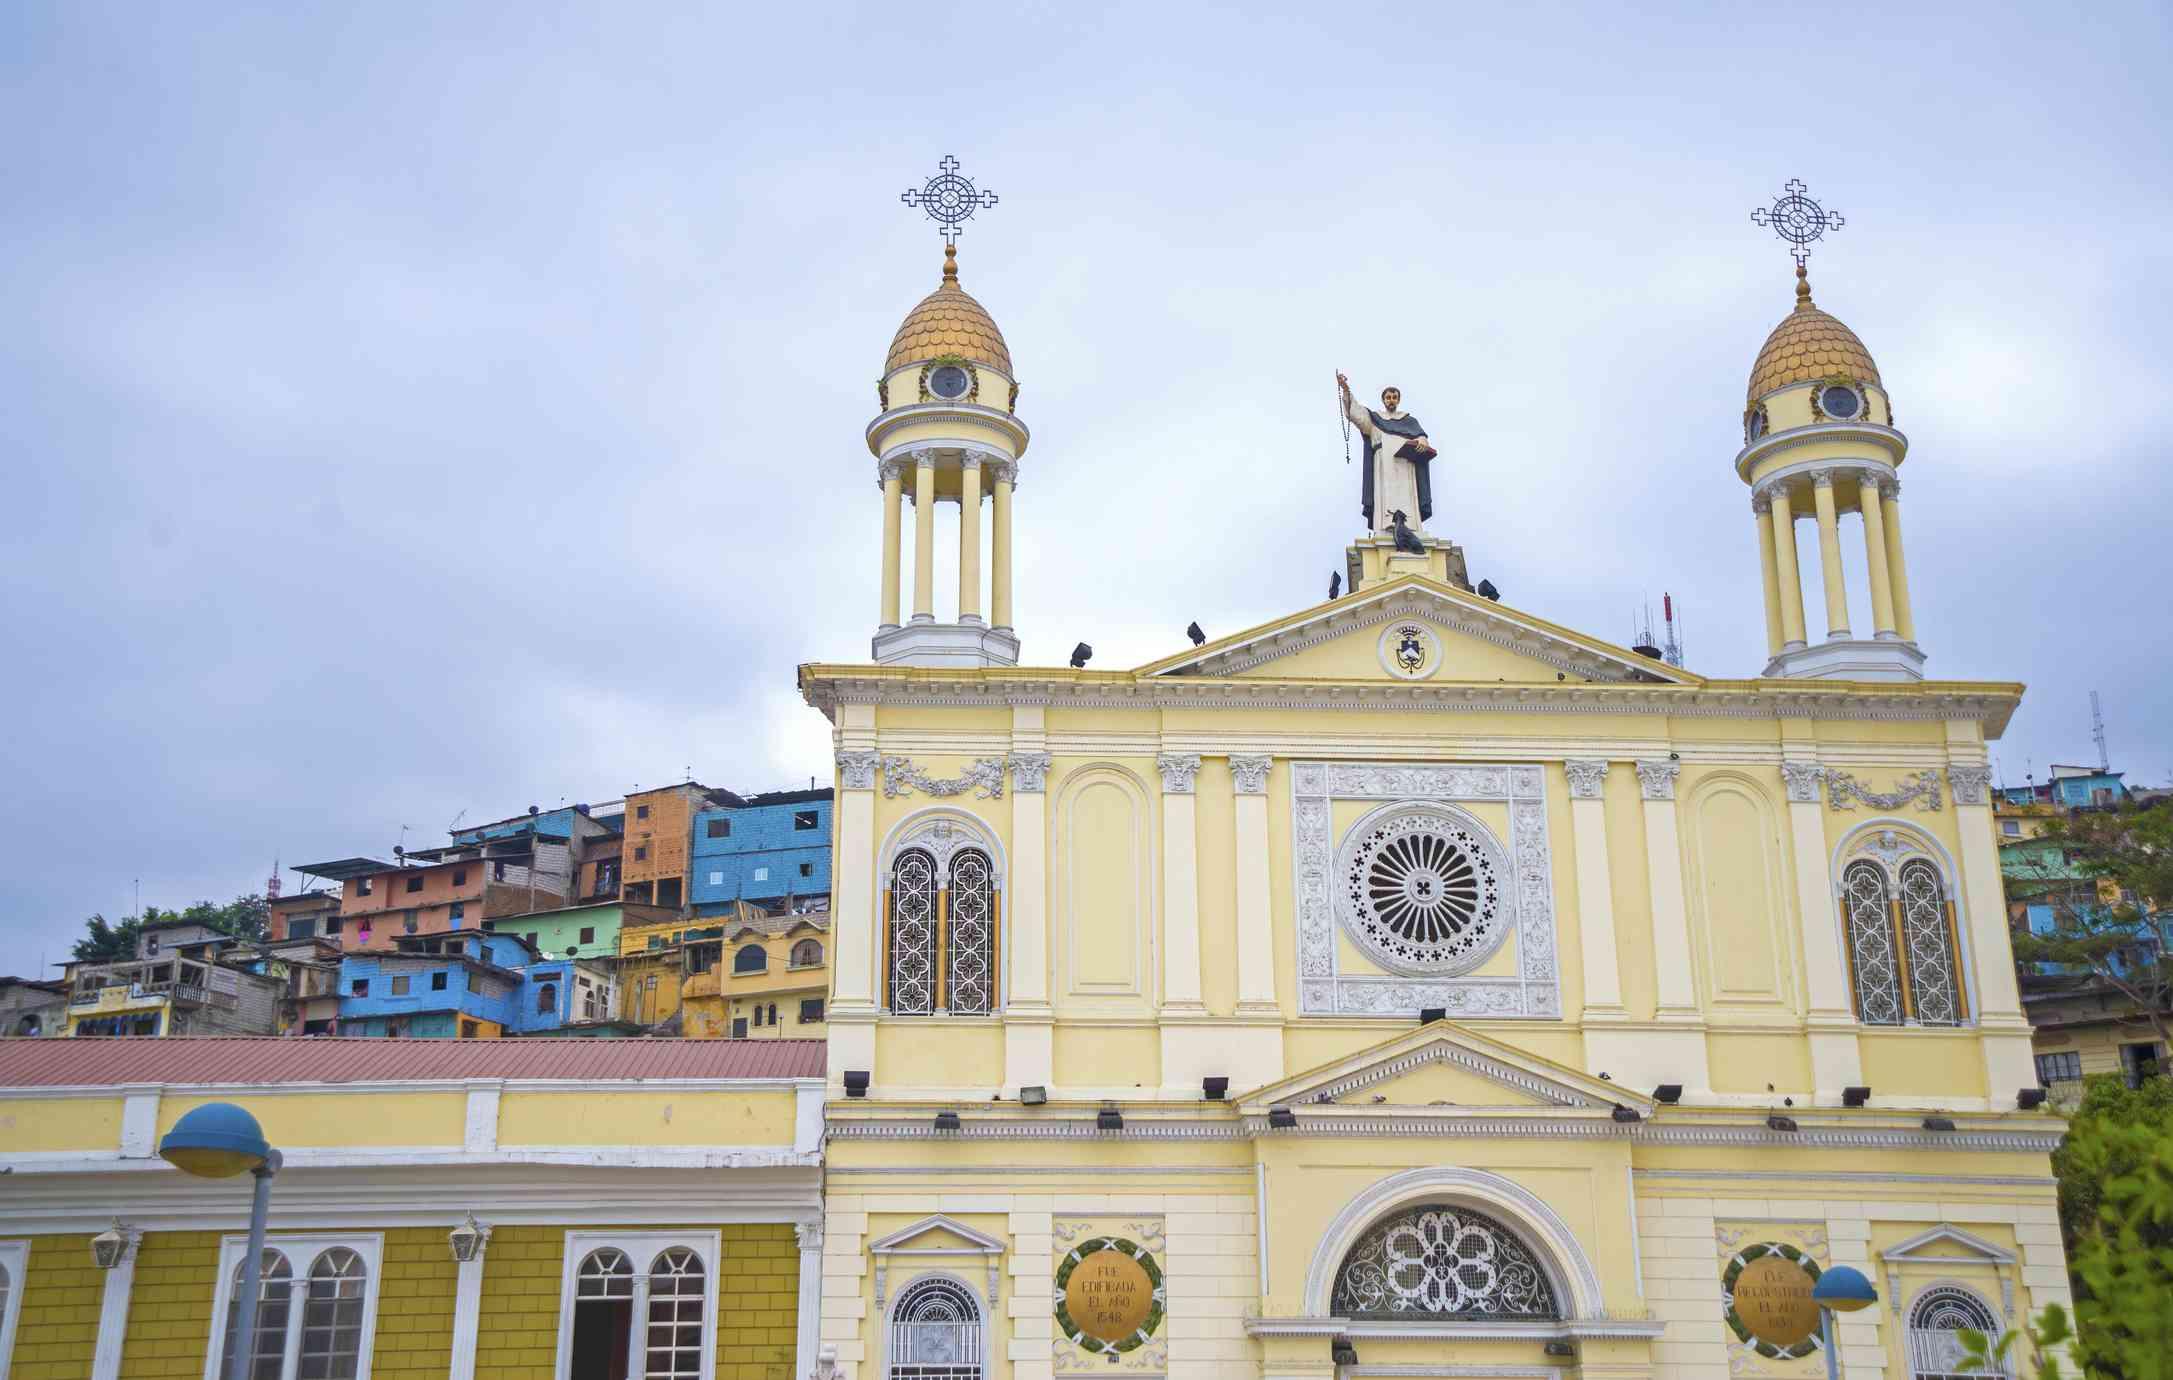 Facade of the Santo Domingo church in Guayaquil city, Ecuador